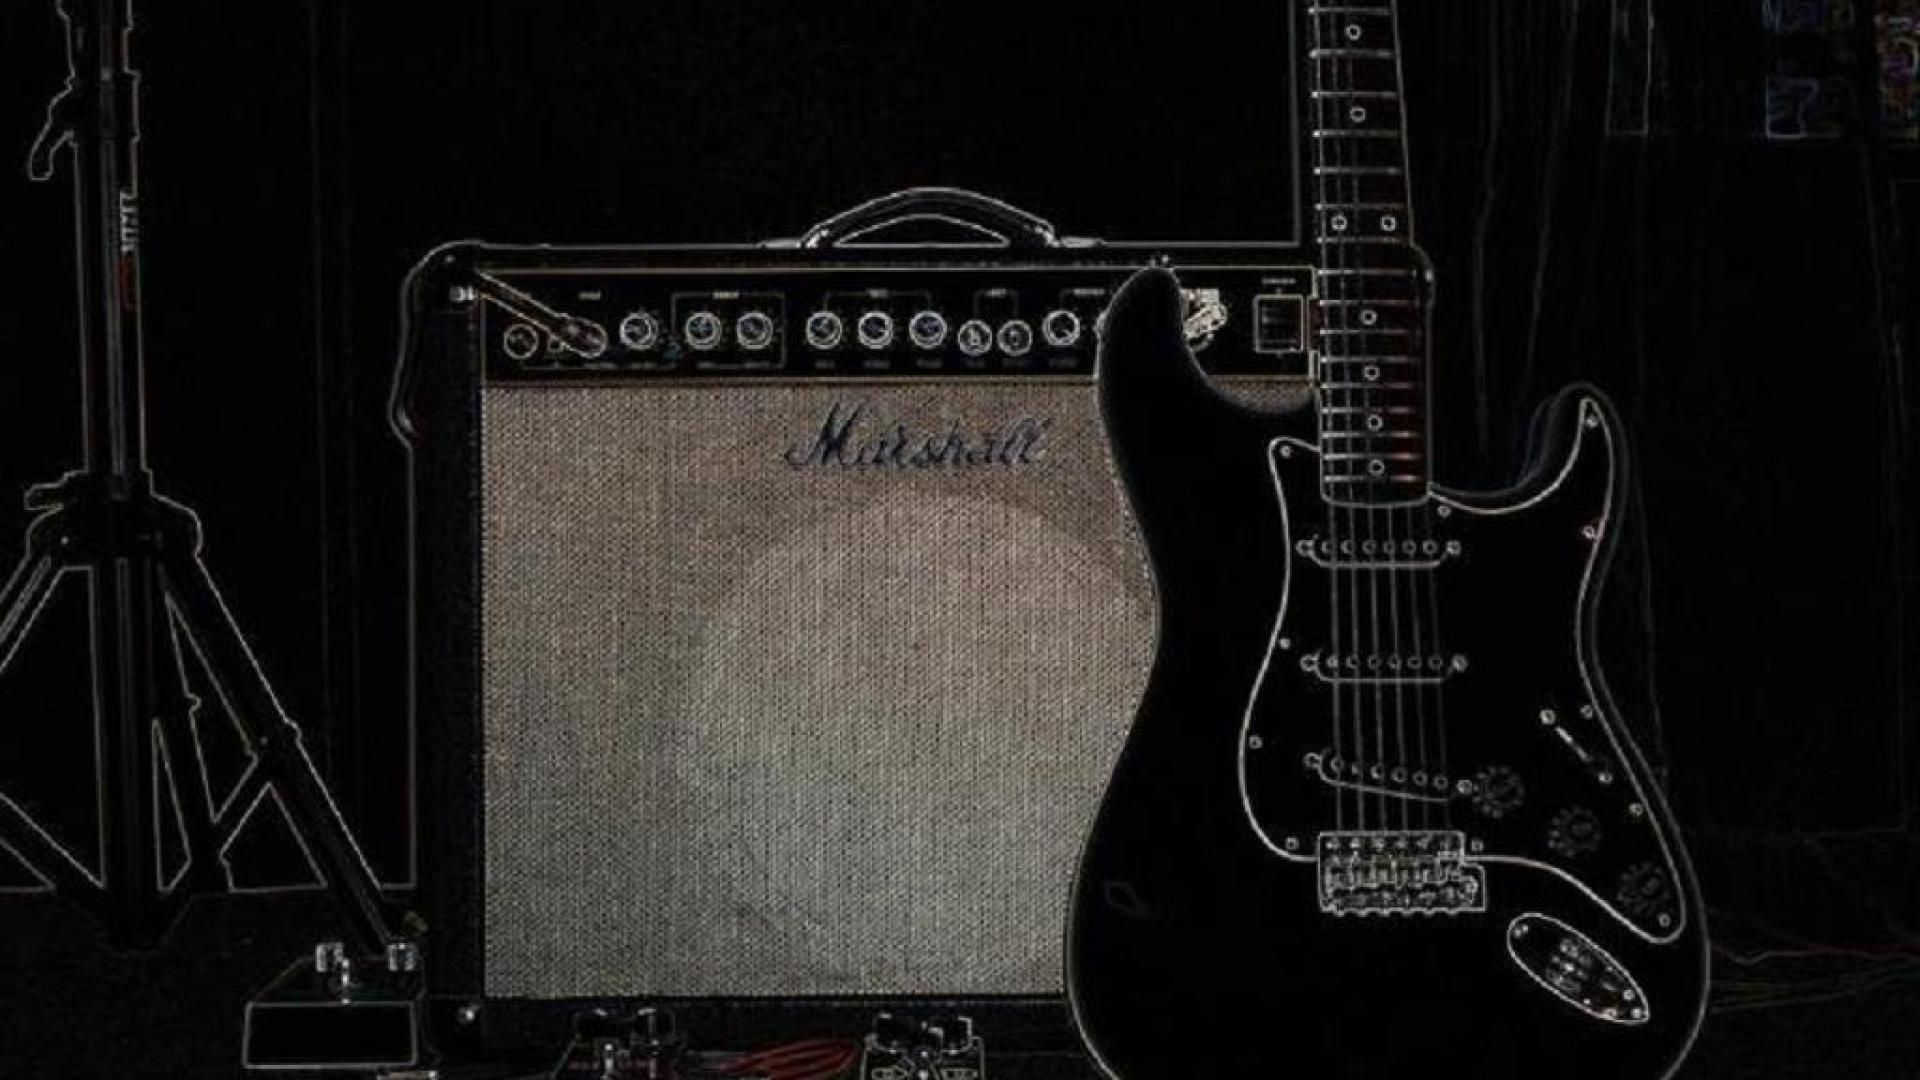 resultado de imagem para guitar amplifier wallpaper hd pinterest